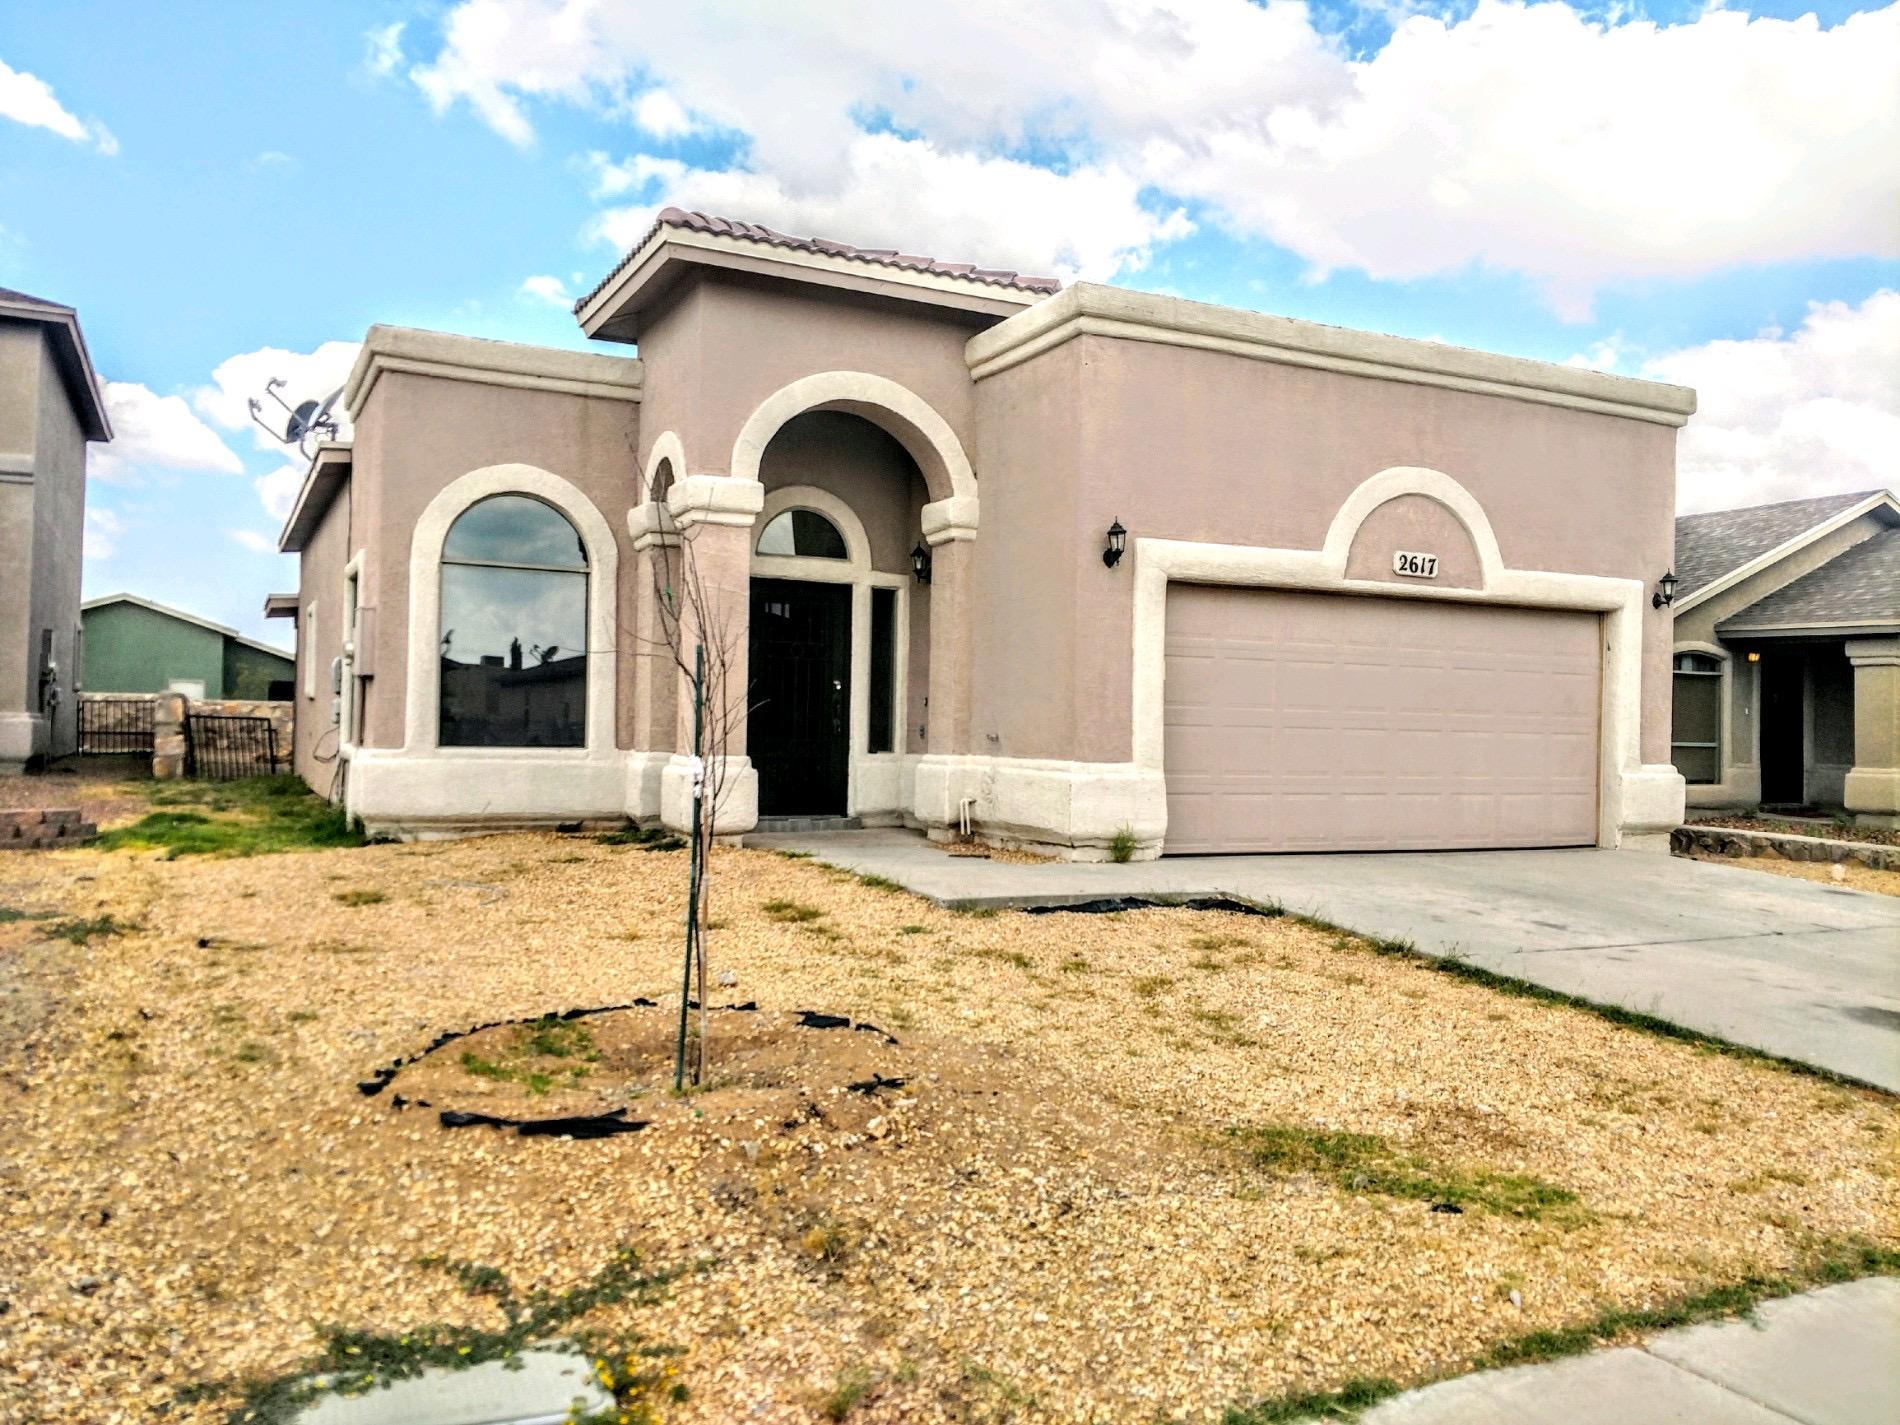 2617 Snowy Rock Place, El Paso, Texas 79938, 3 Bedrooms Bedrooms, ,2 BathroomsBathrooms,Residential Rental,For Rent,Snowy Rock,834213